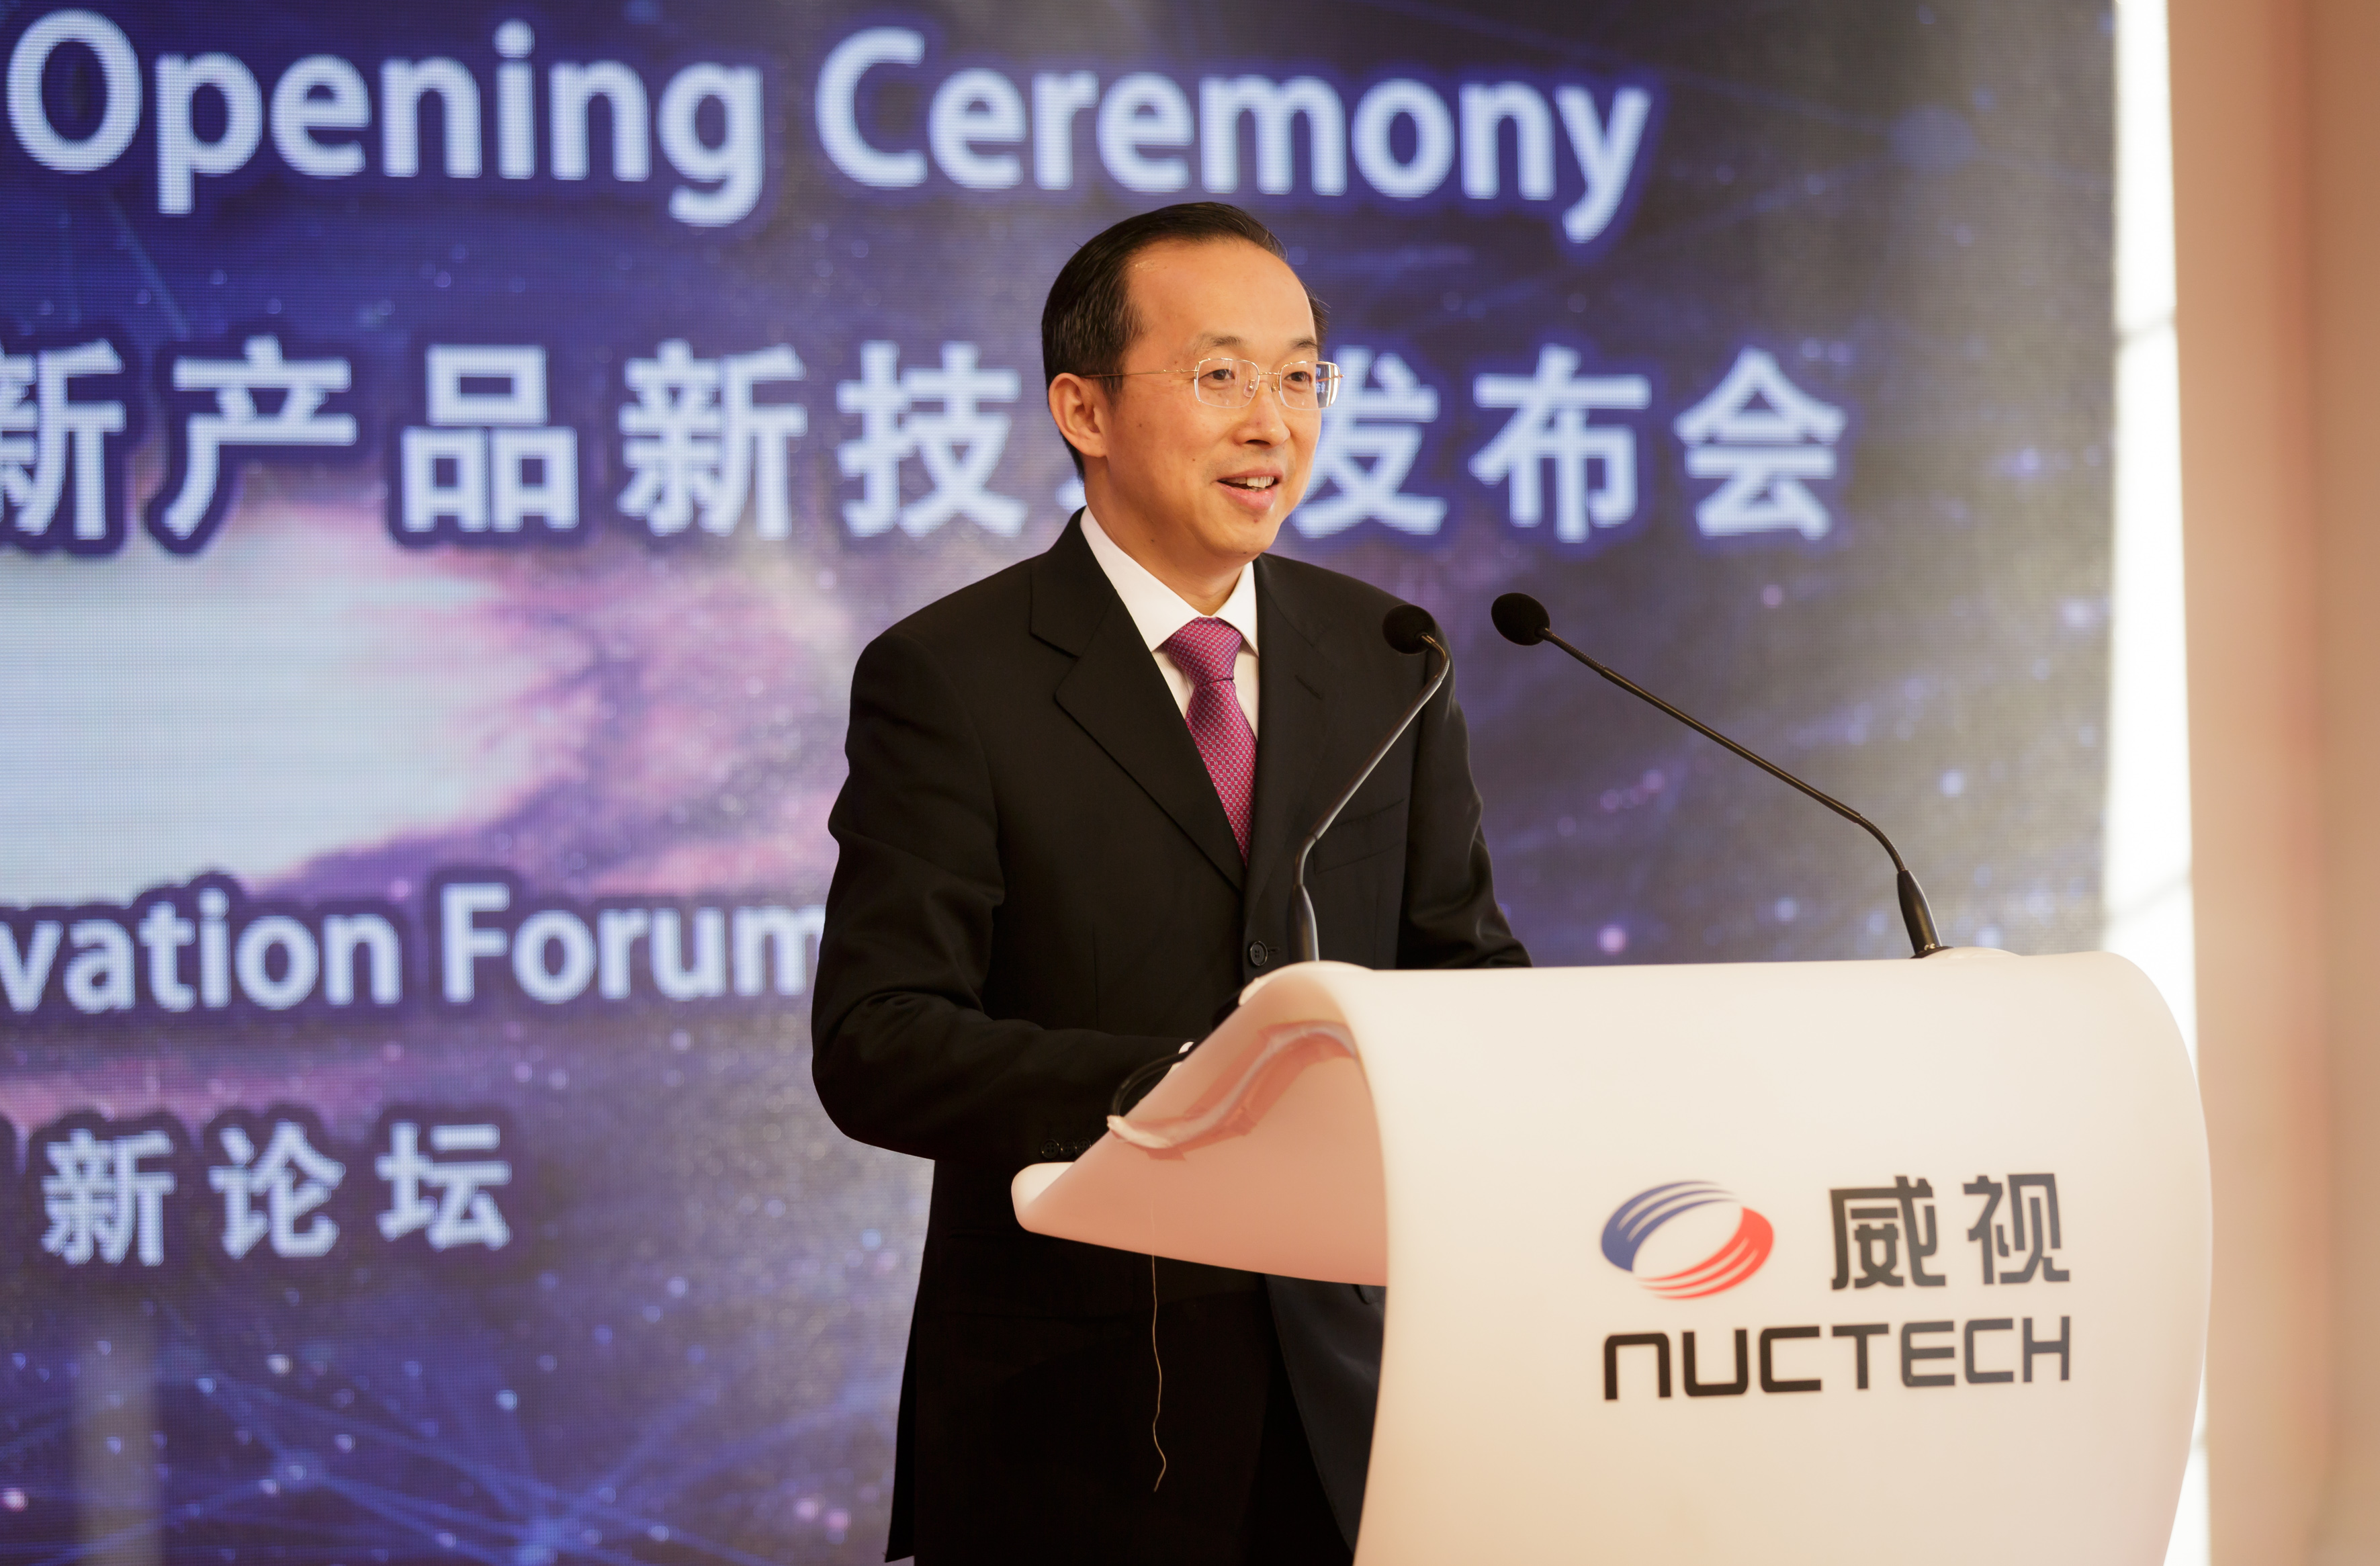 走向世界的中国安检高科技领军企业  同方威视登陆荷兰